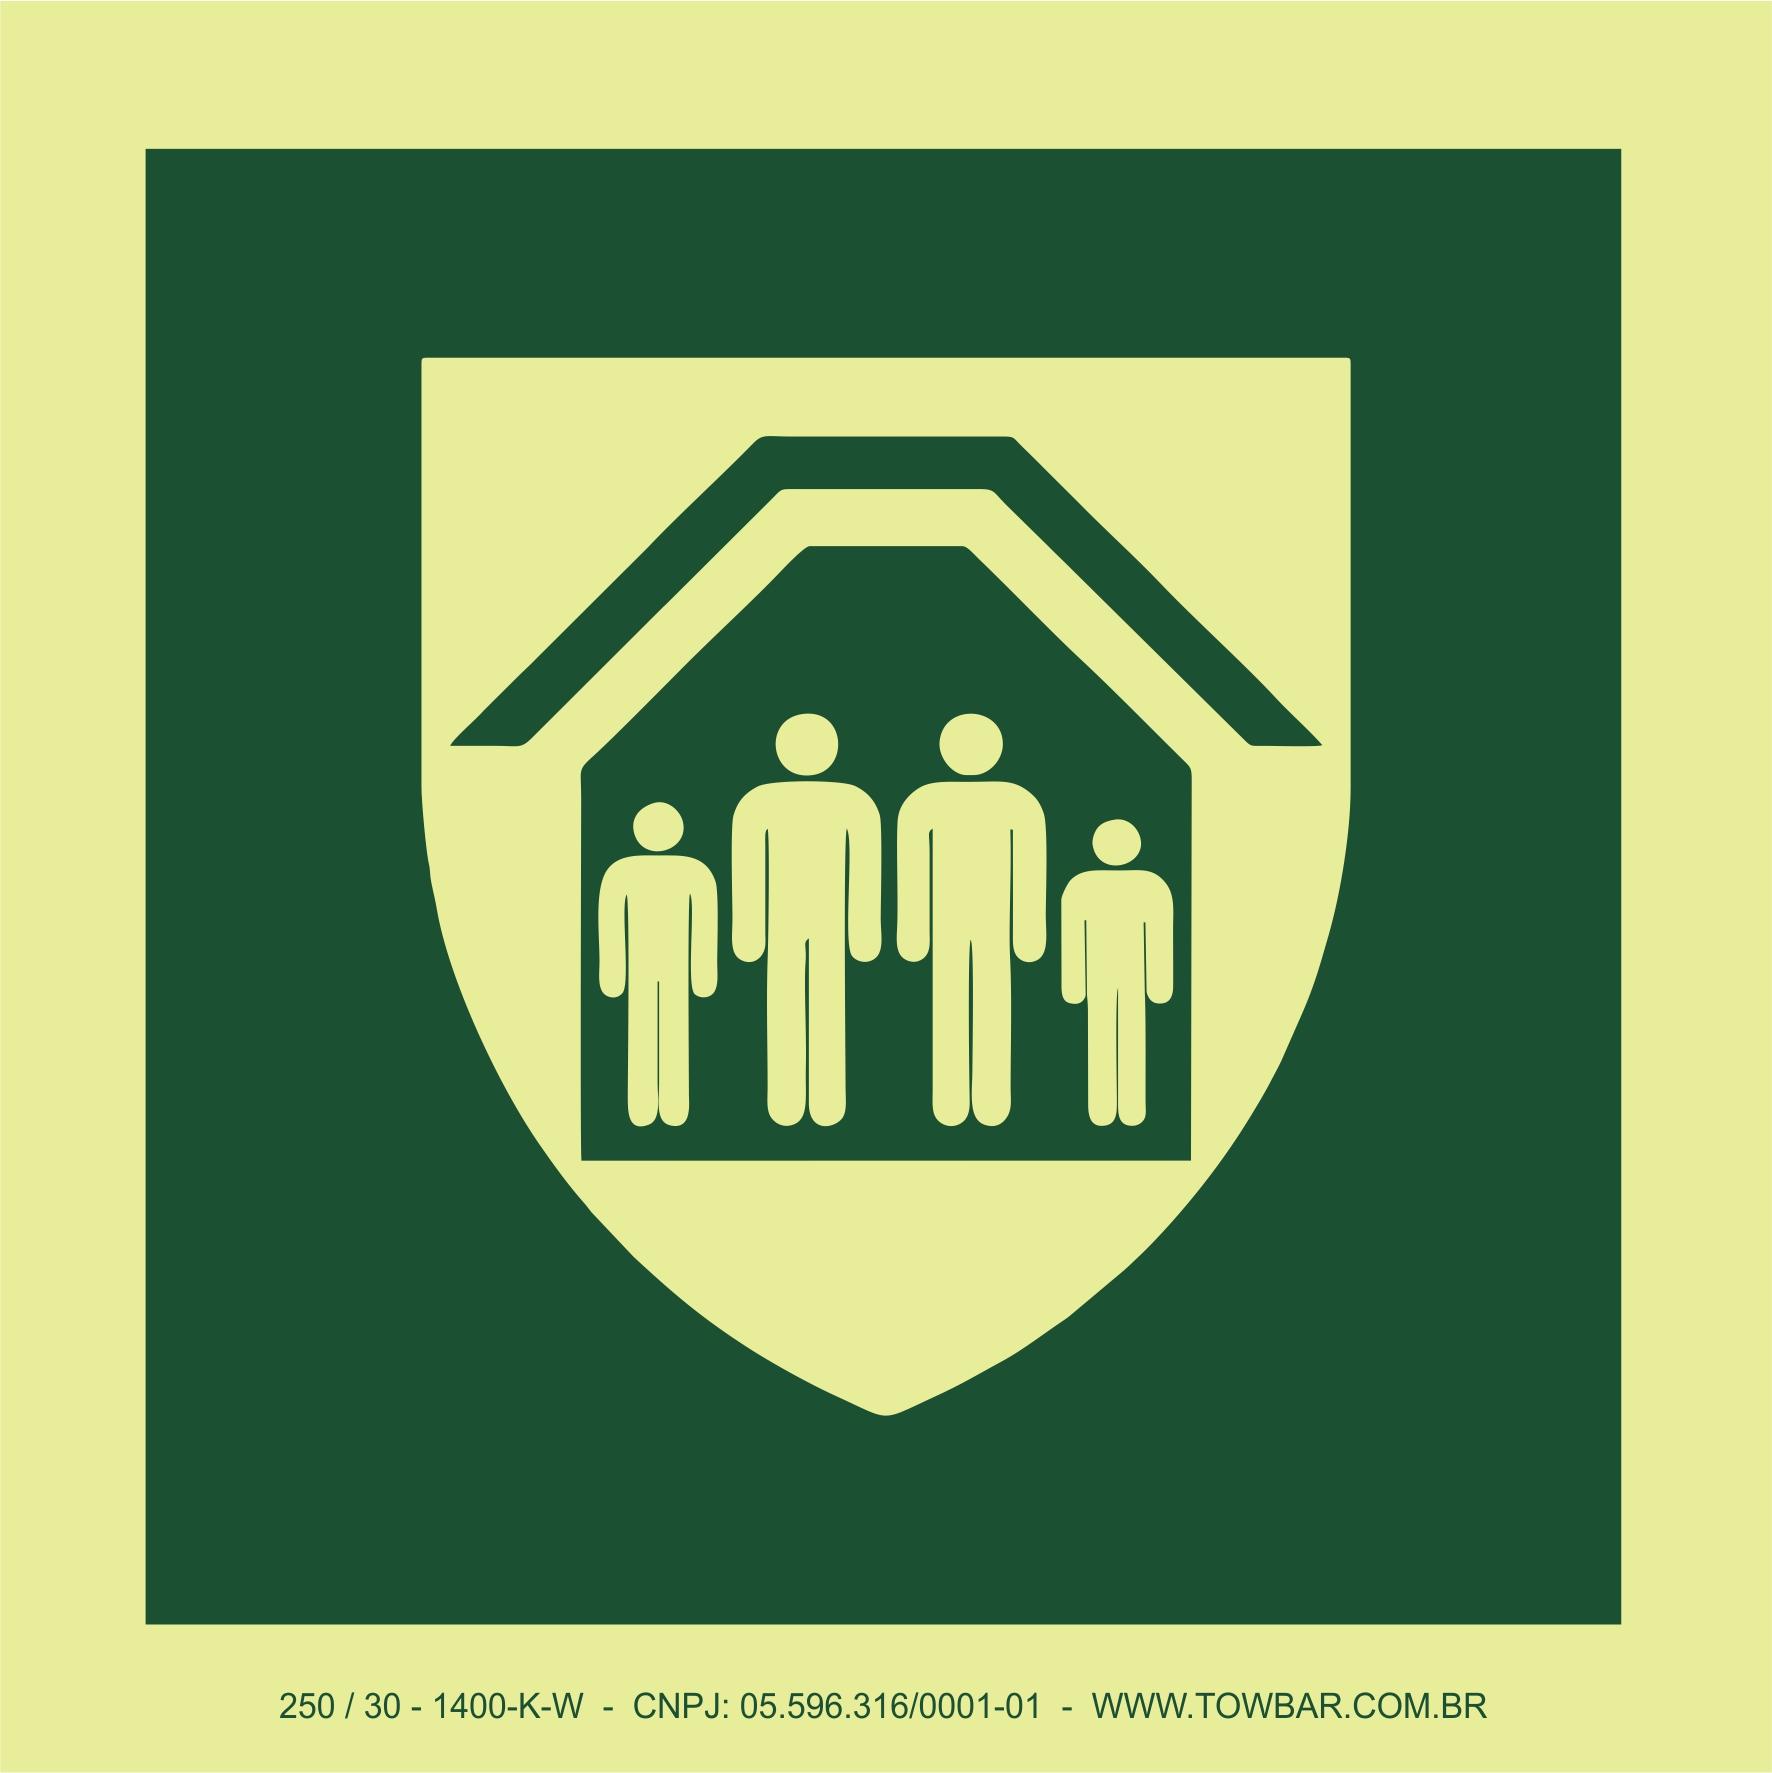 Abrigo de proteção (Protection Shelter)  - Towbar Sinalização de Segurança